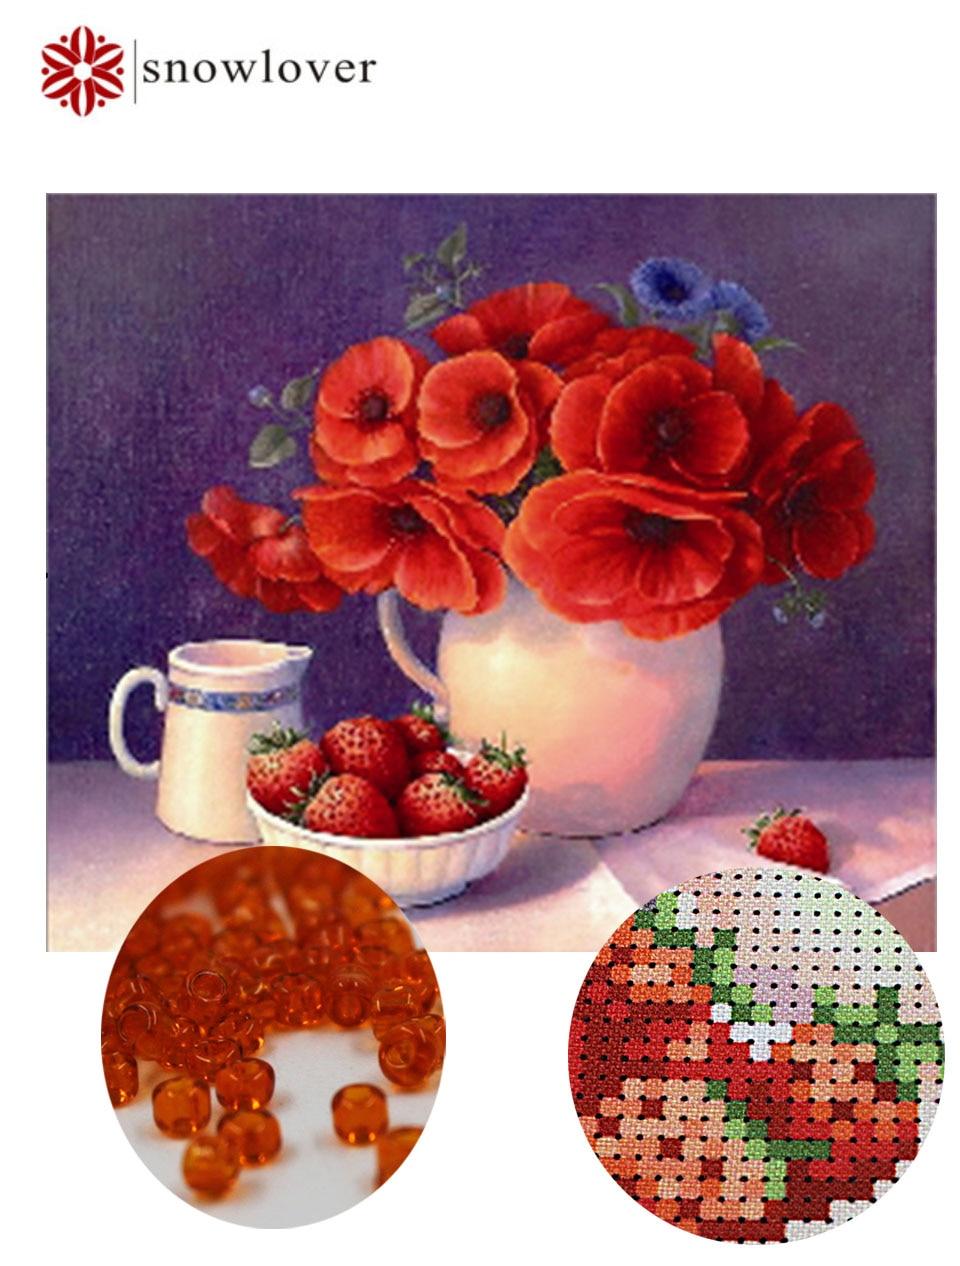 Snjeguljica, perle, rukotvorine, DIY perla križić, kompleti za vezenje križić, precizan tiskani cvjetni uzorak, božićne darove